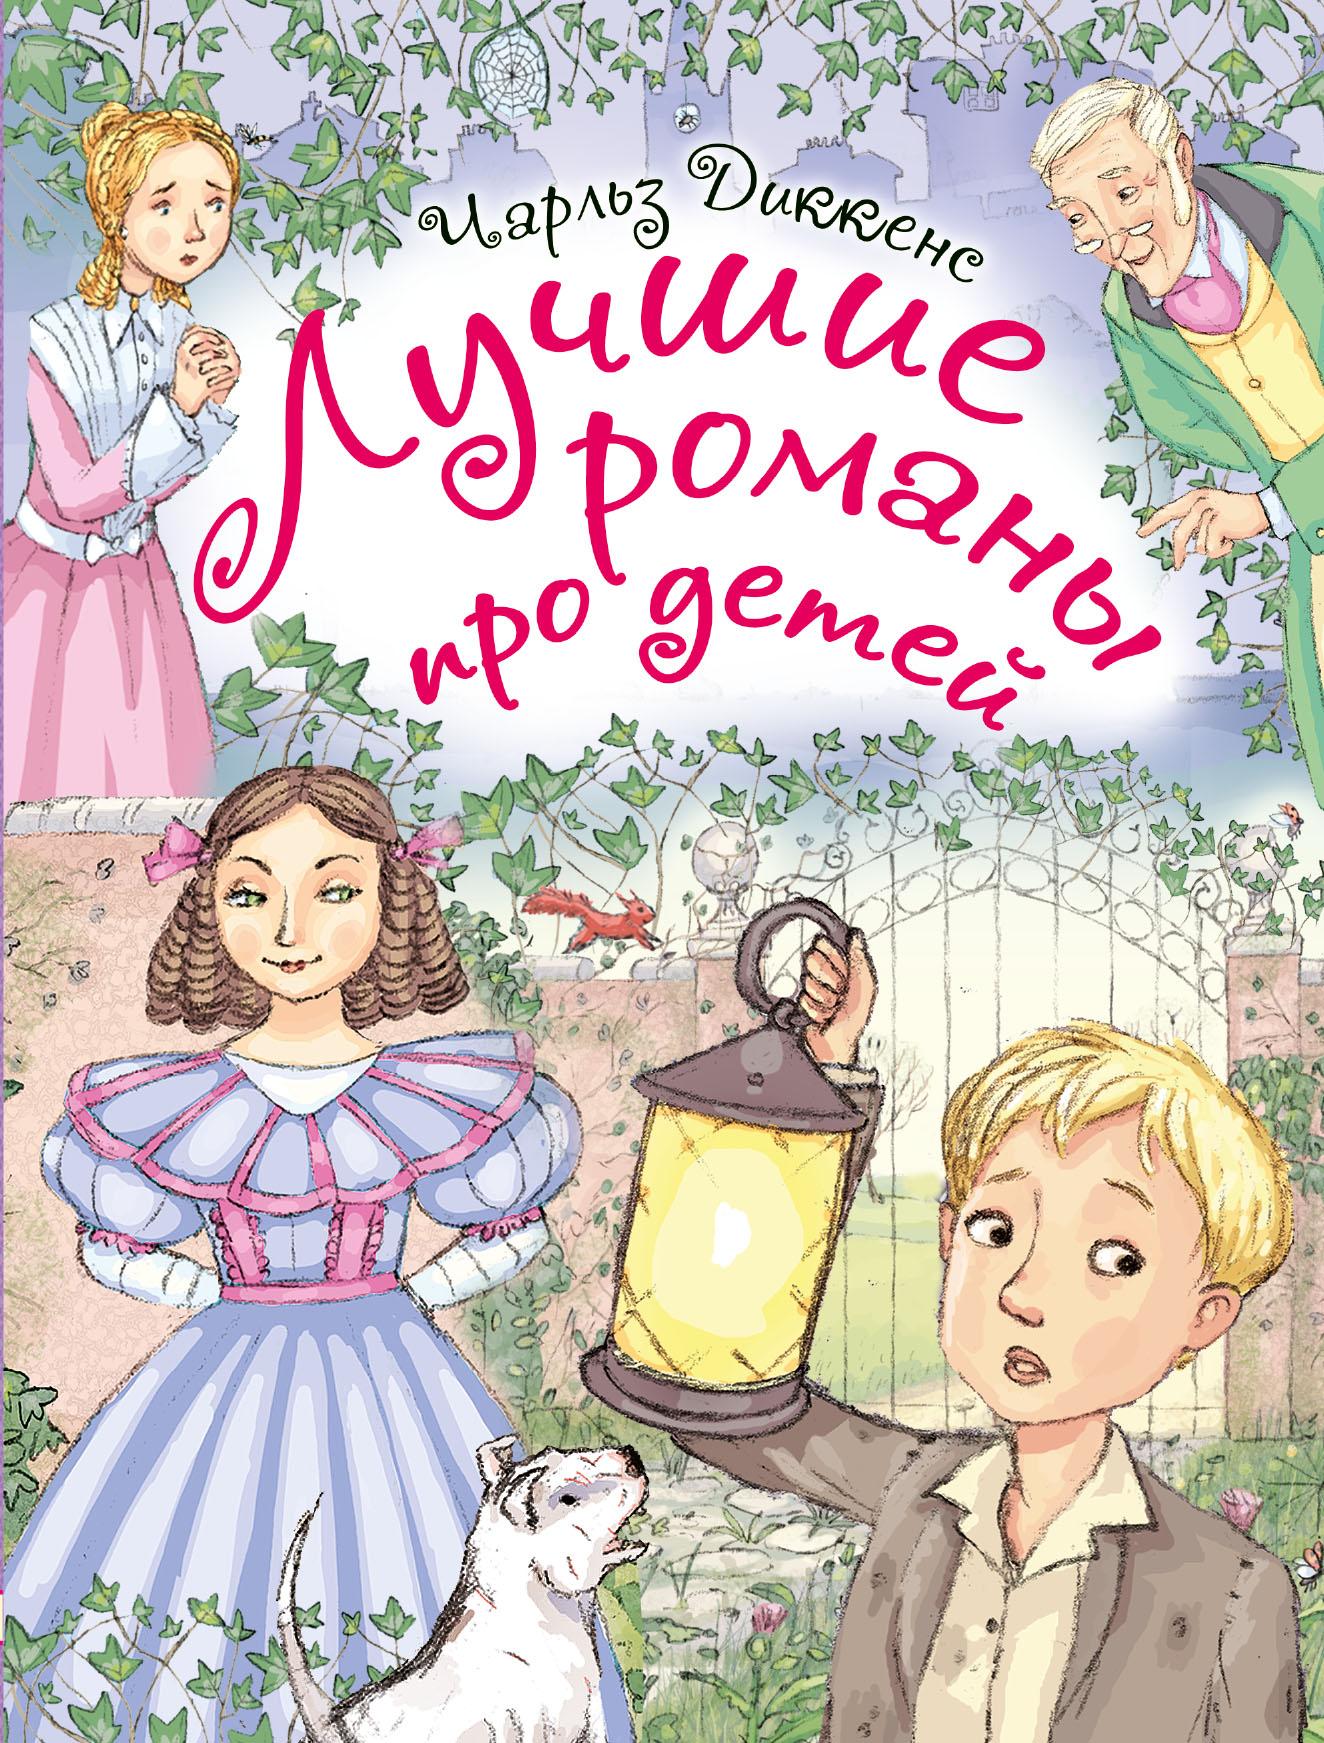 Чарльз Диккенс Лучшие романы про детей чарльз диккенс оливер твист в изложении для детей